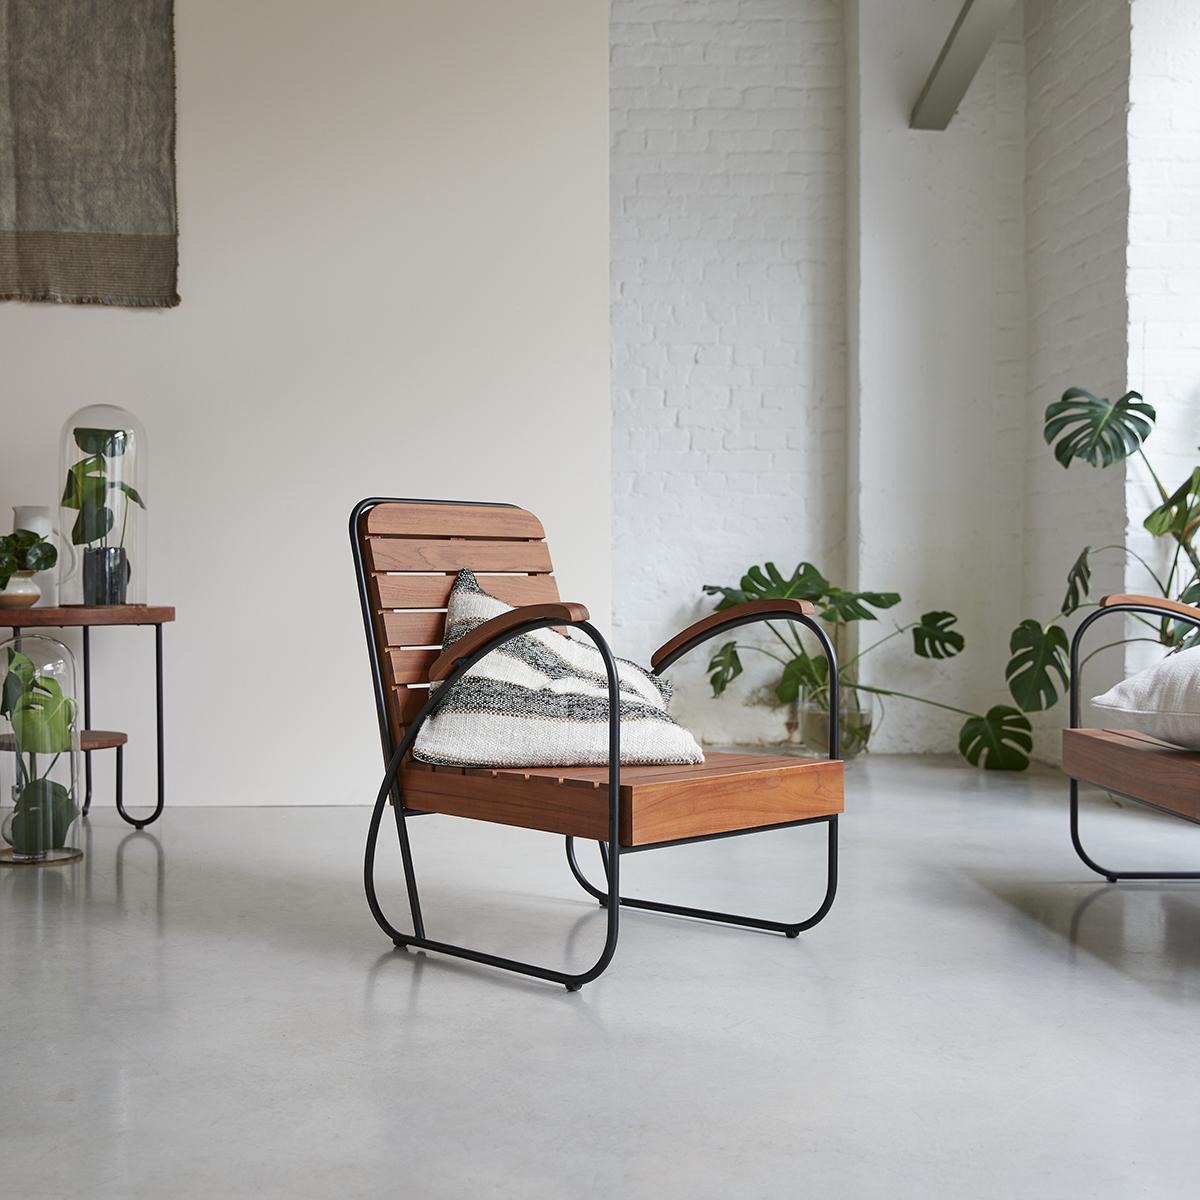 Key Wood solid teak Armchair